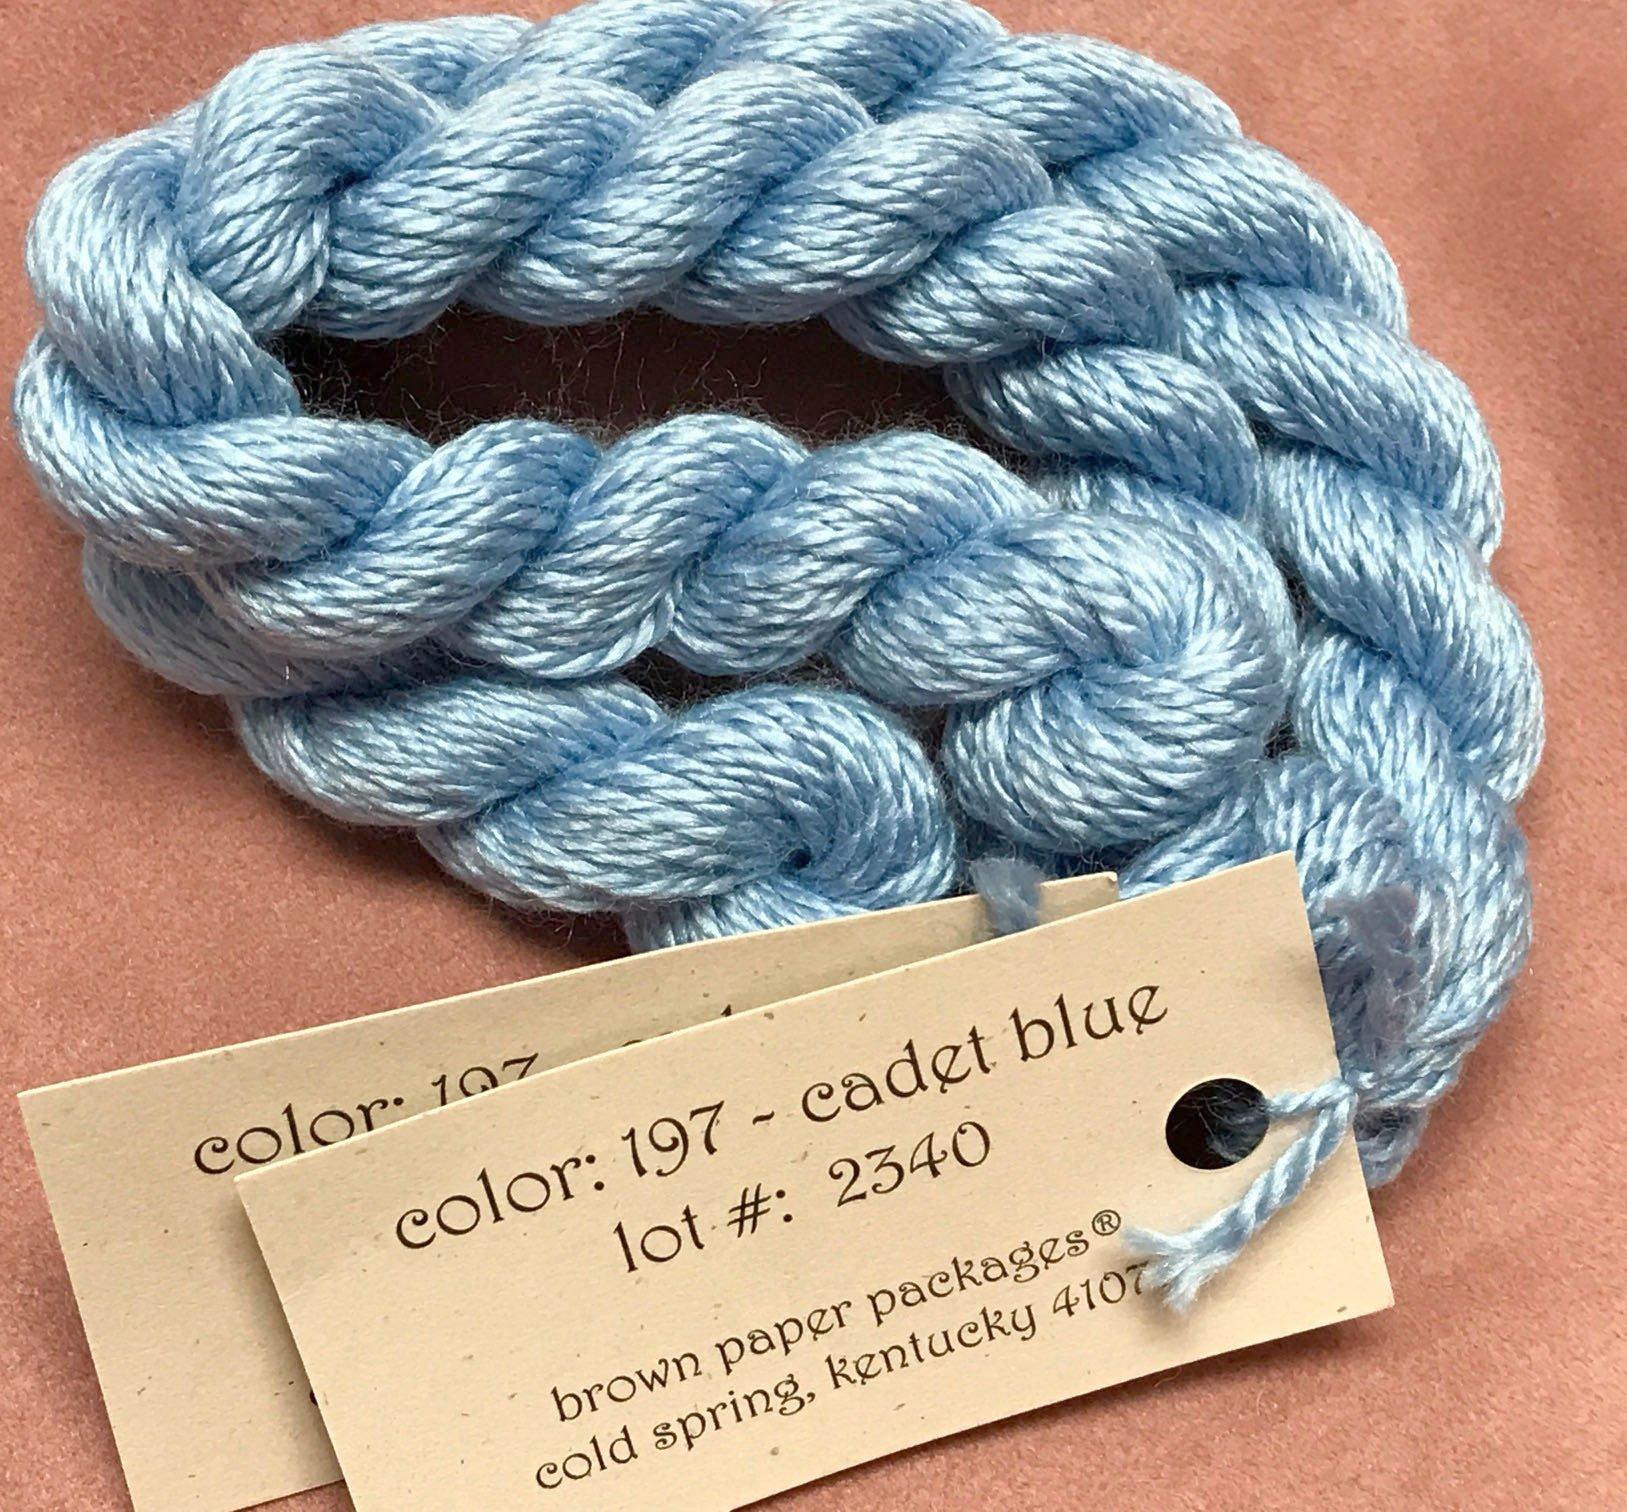 SI-CADET BLUE-197